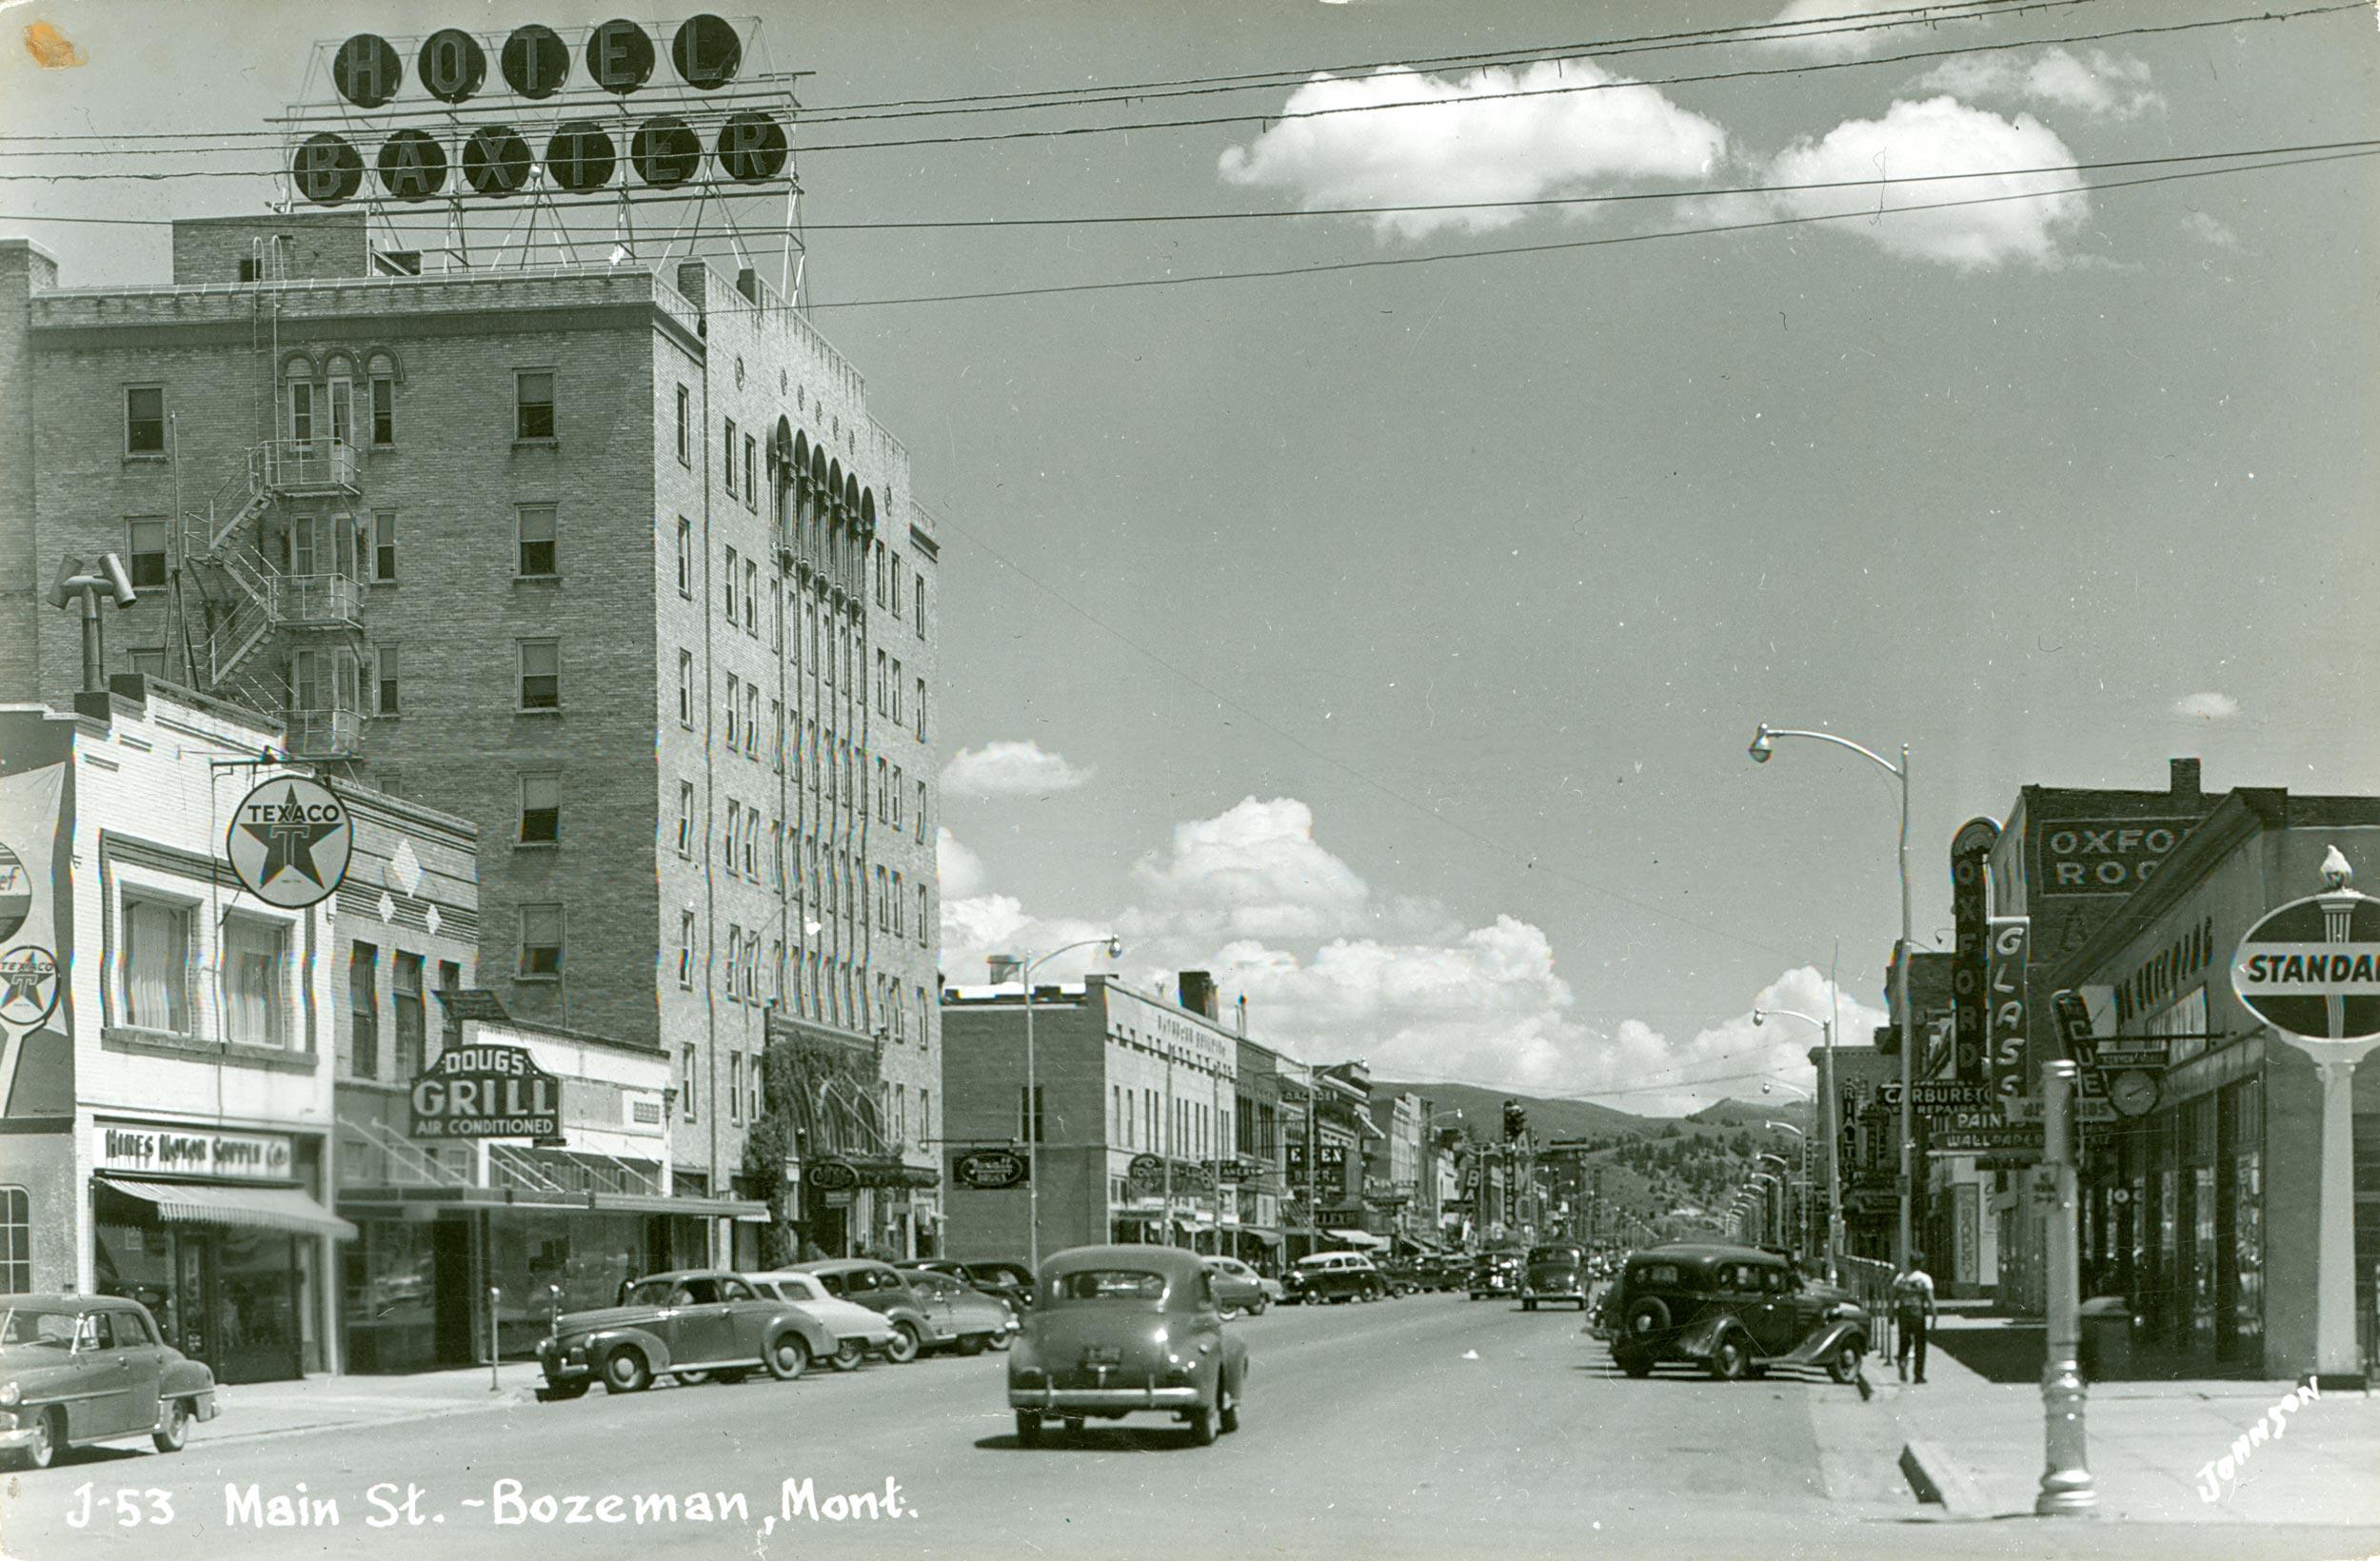 Main-Street-Bozeman-1953.jpg